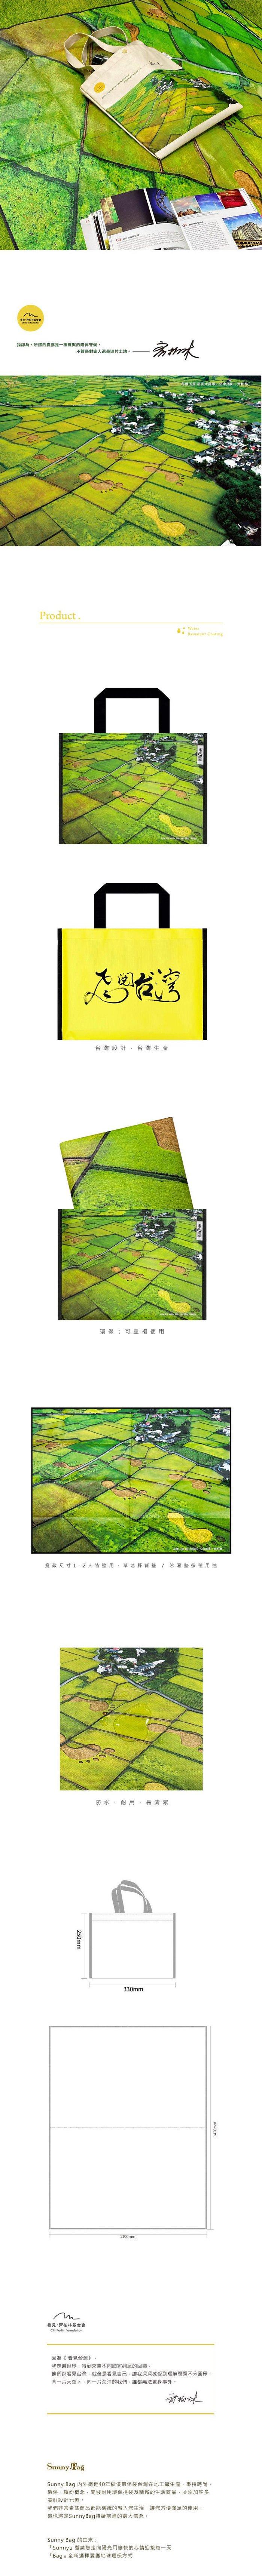 (複製)Sunny Bag|看見‧齊柏林基金會-野餐墊/休閒蓆-花蓮稻田大腳印